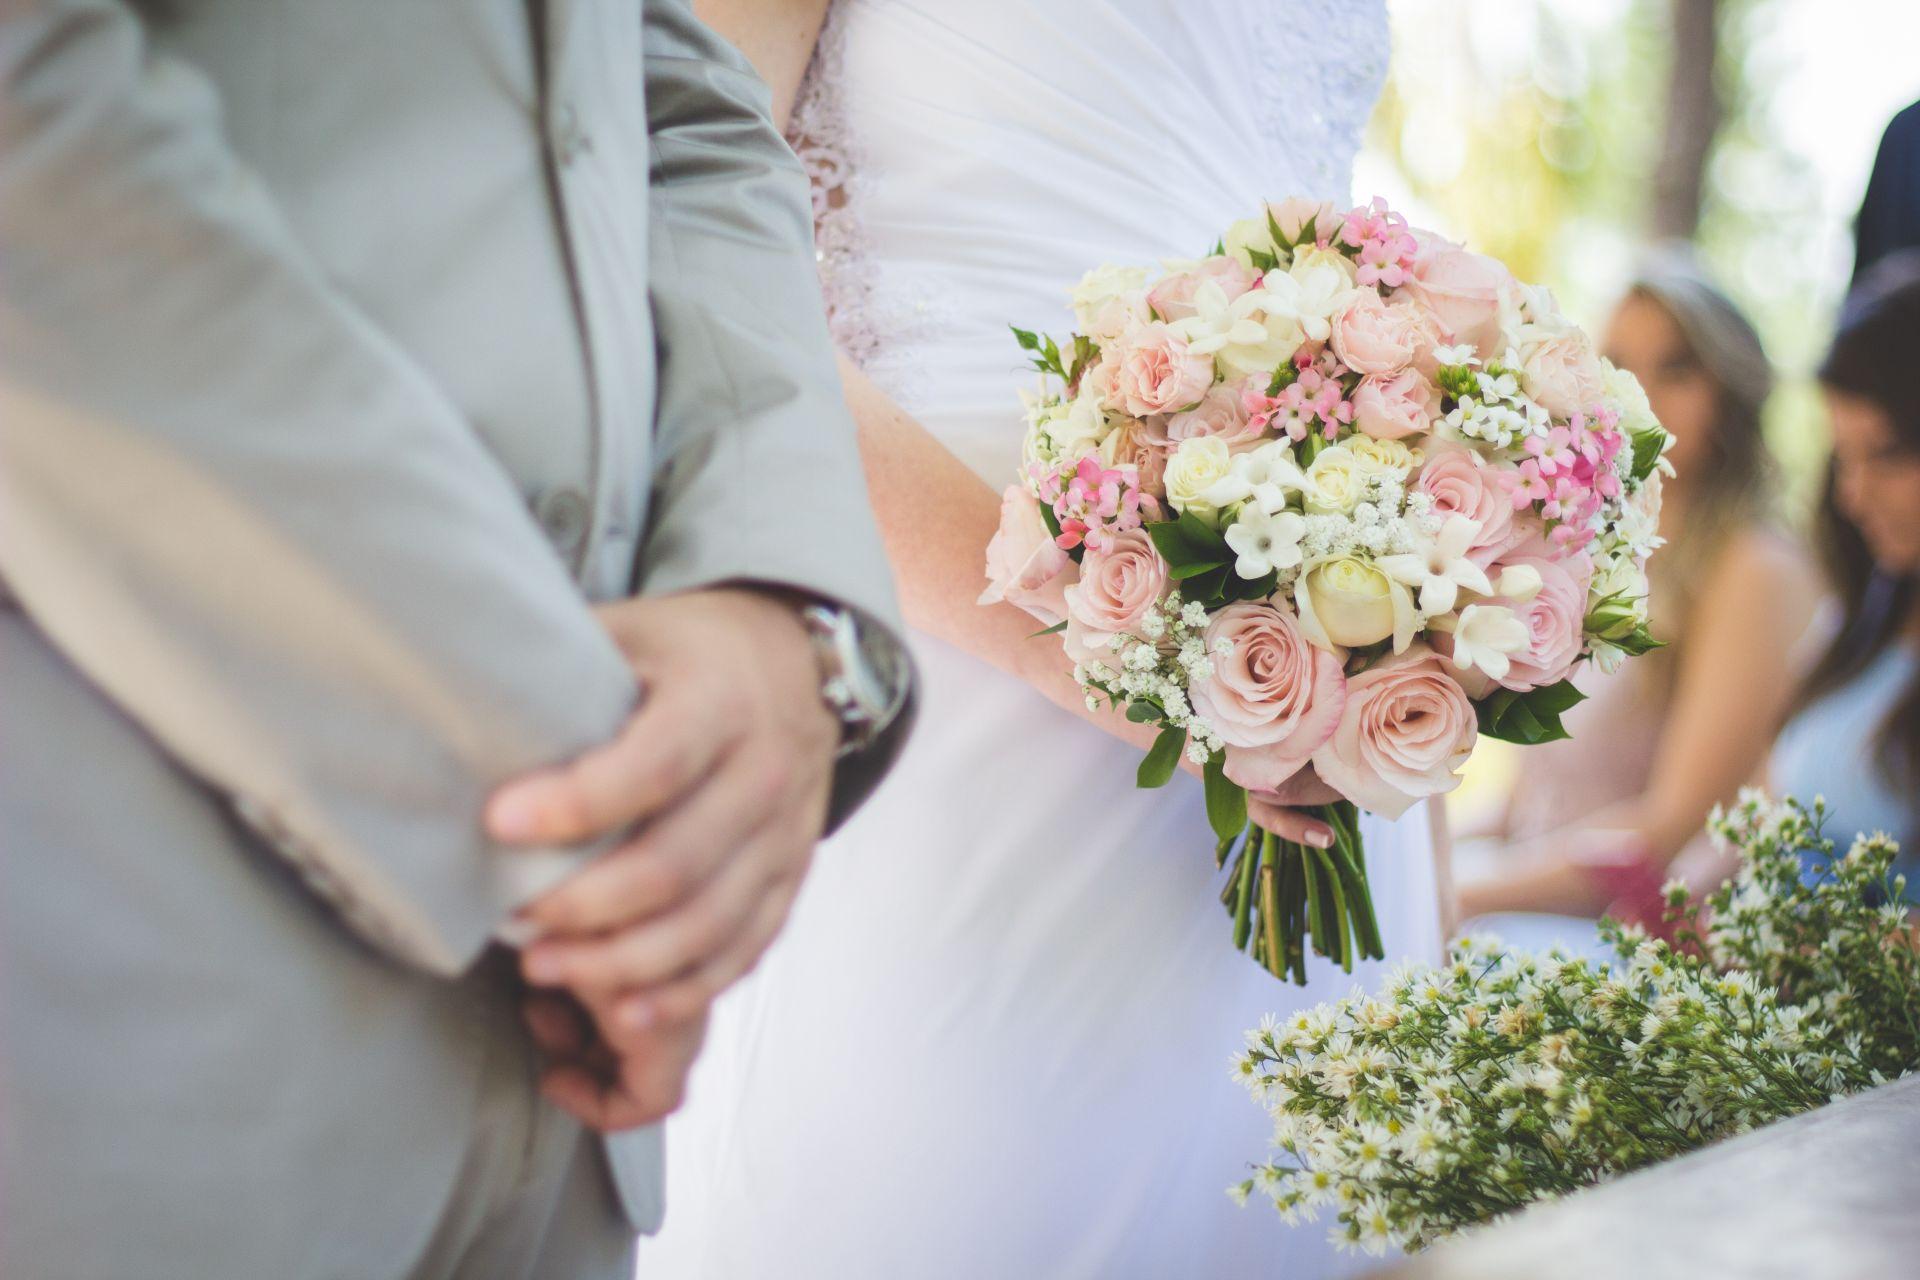 Evento gratuito para noivas acontece em Aparecida de Goiânia